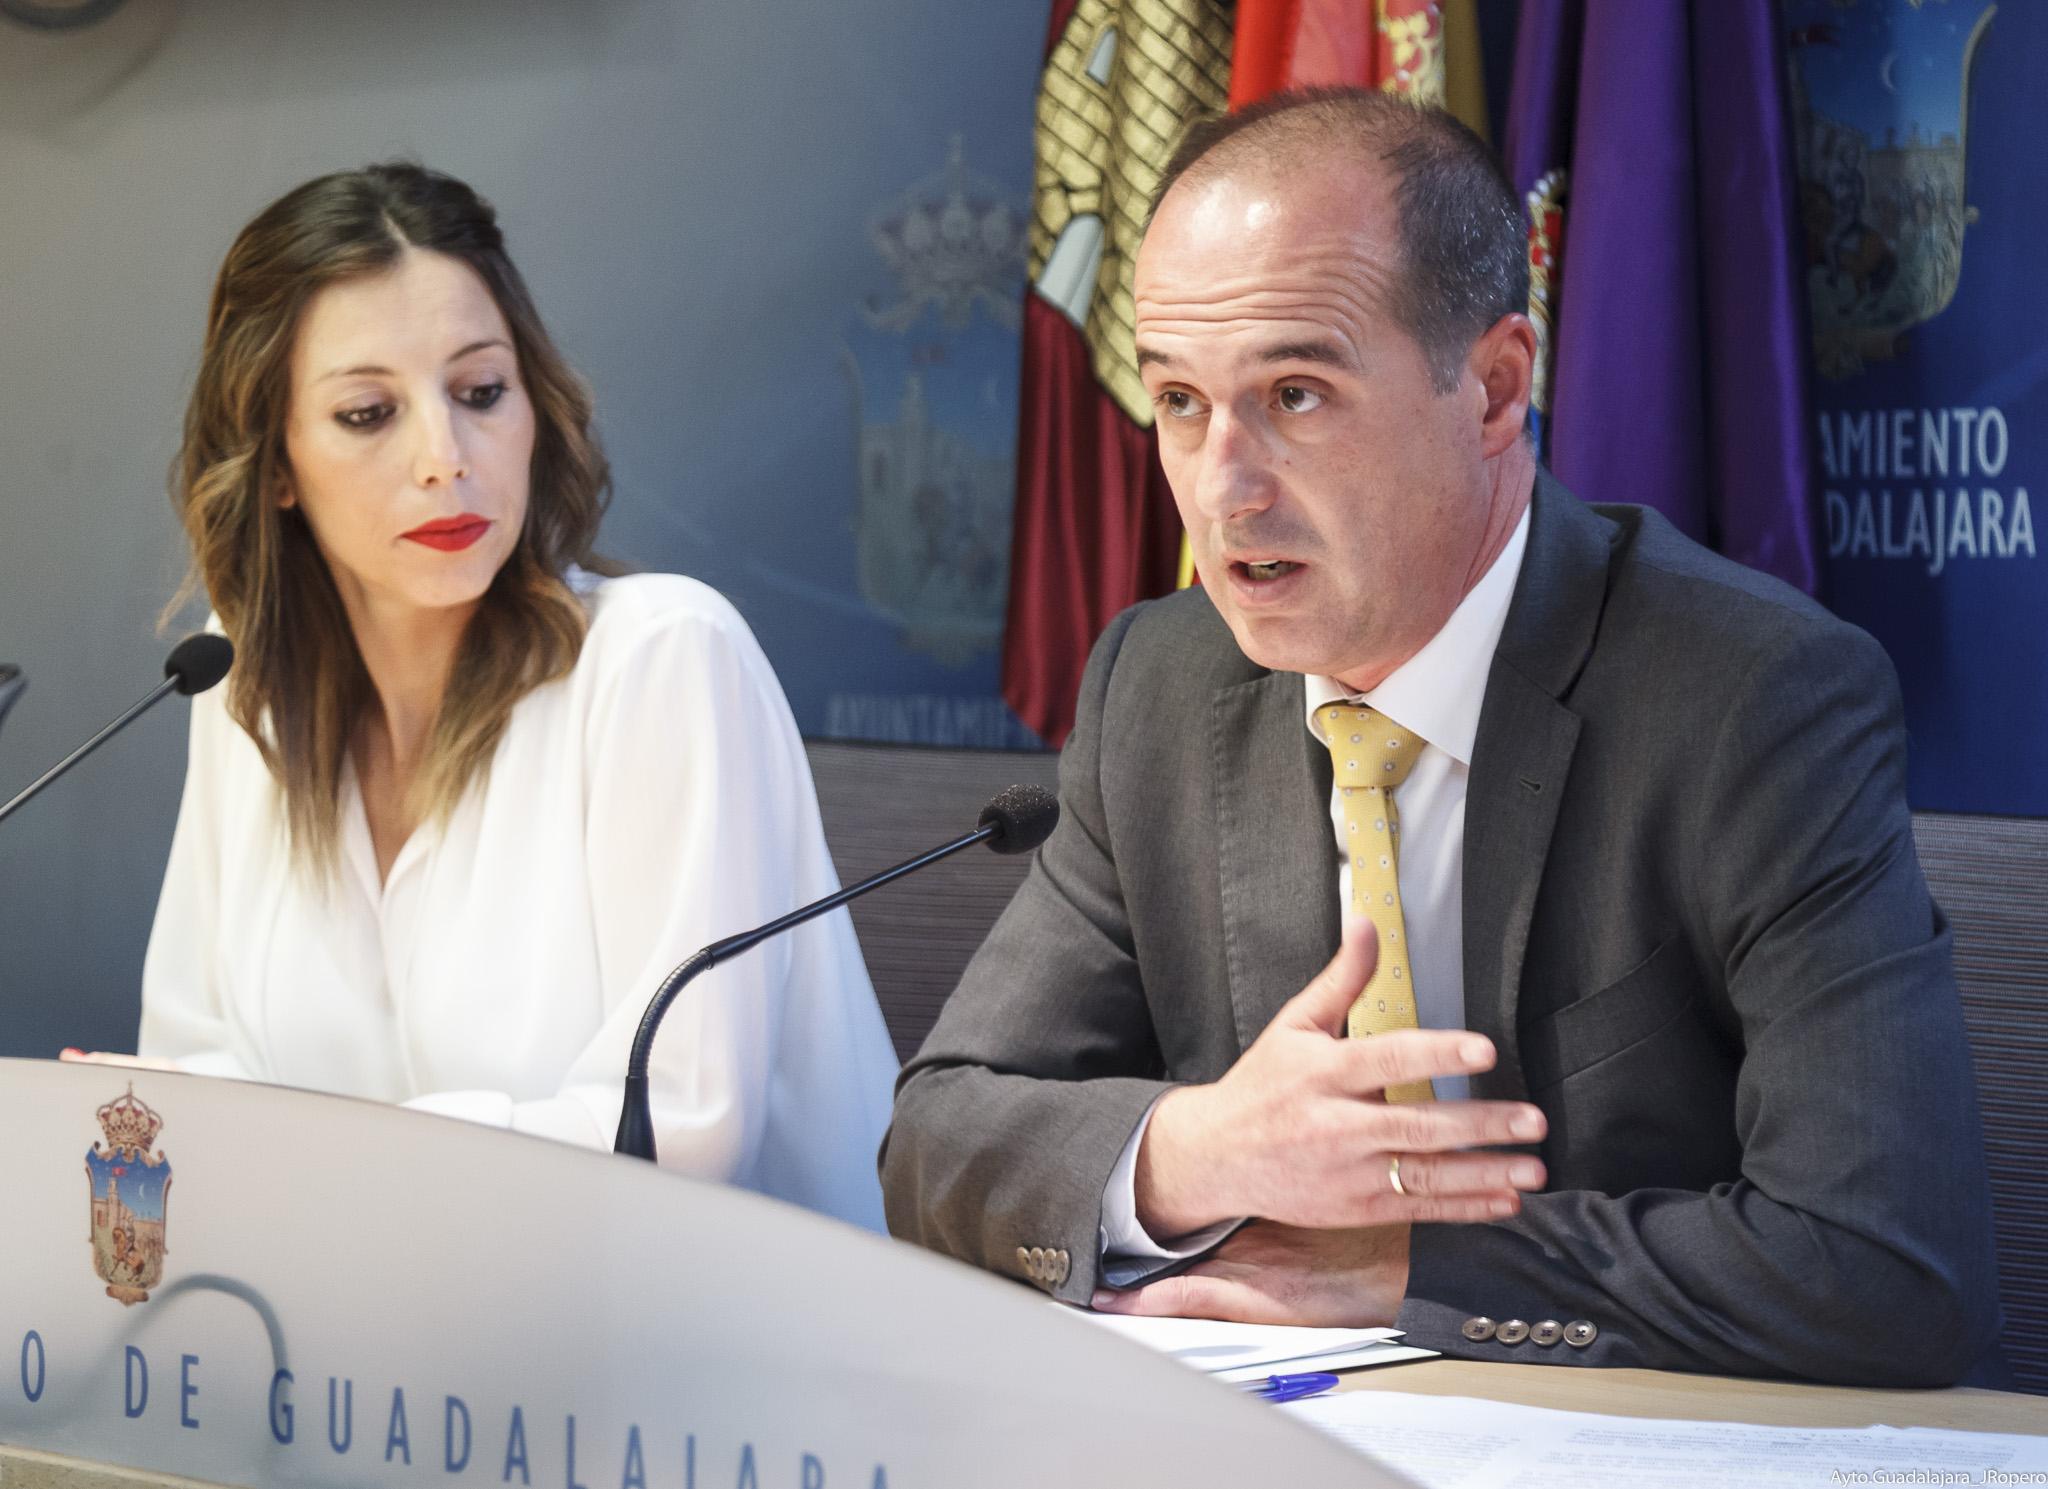 La Junta de Gobierno aprueba una propuesta de modificación de ordenanzas fiscales con nuevas tasas y bonificaciones